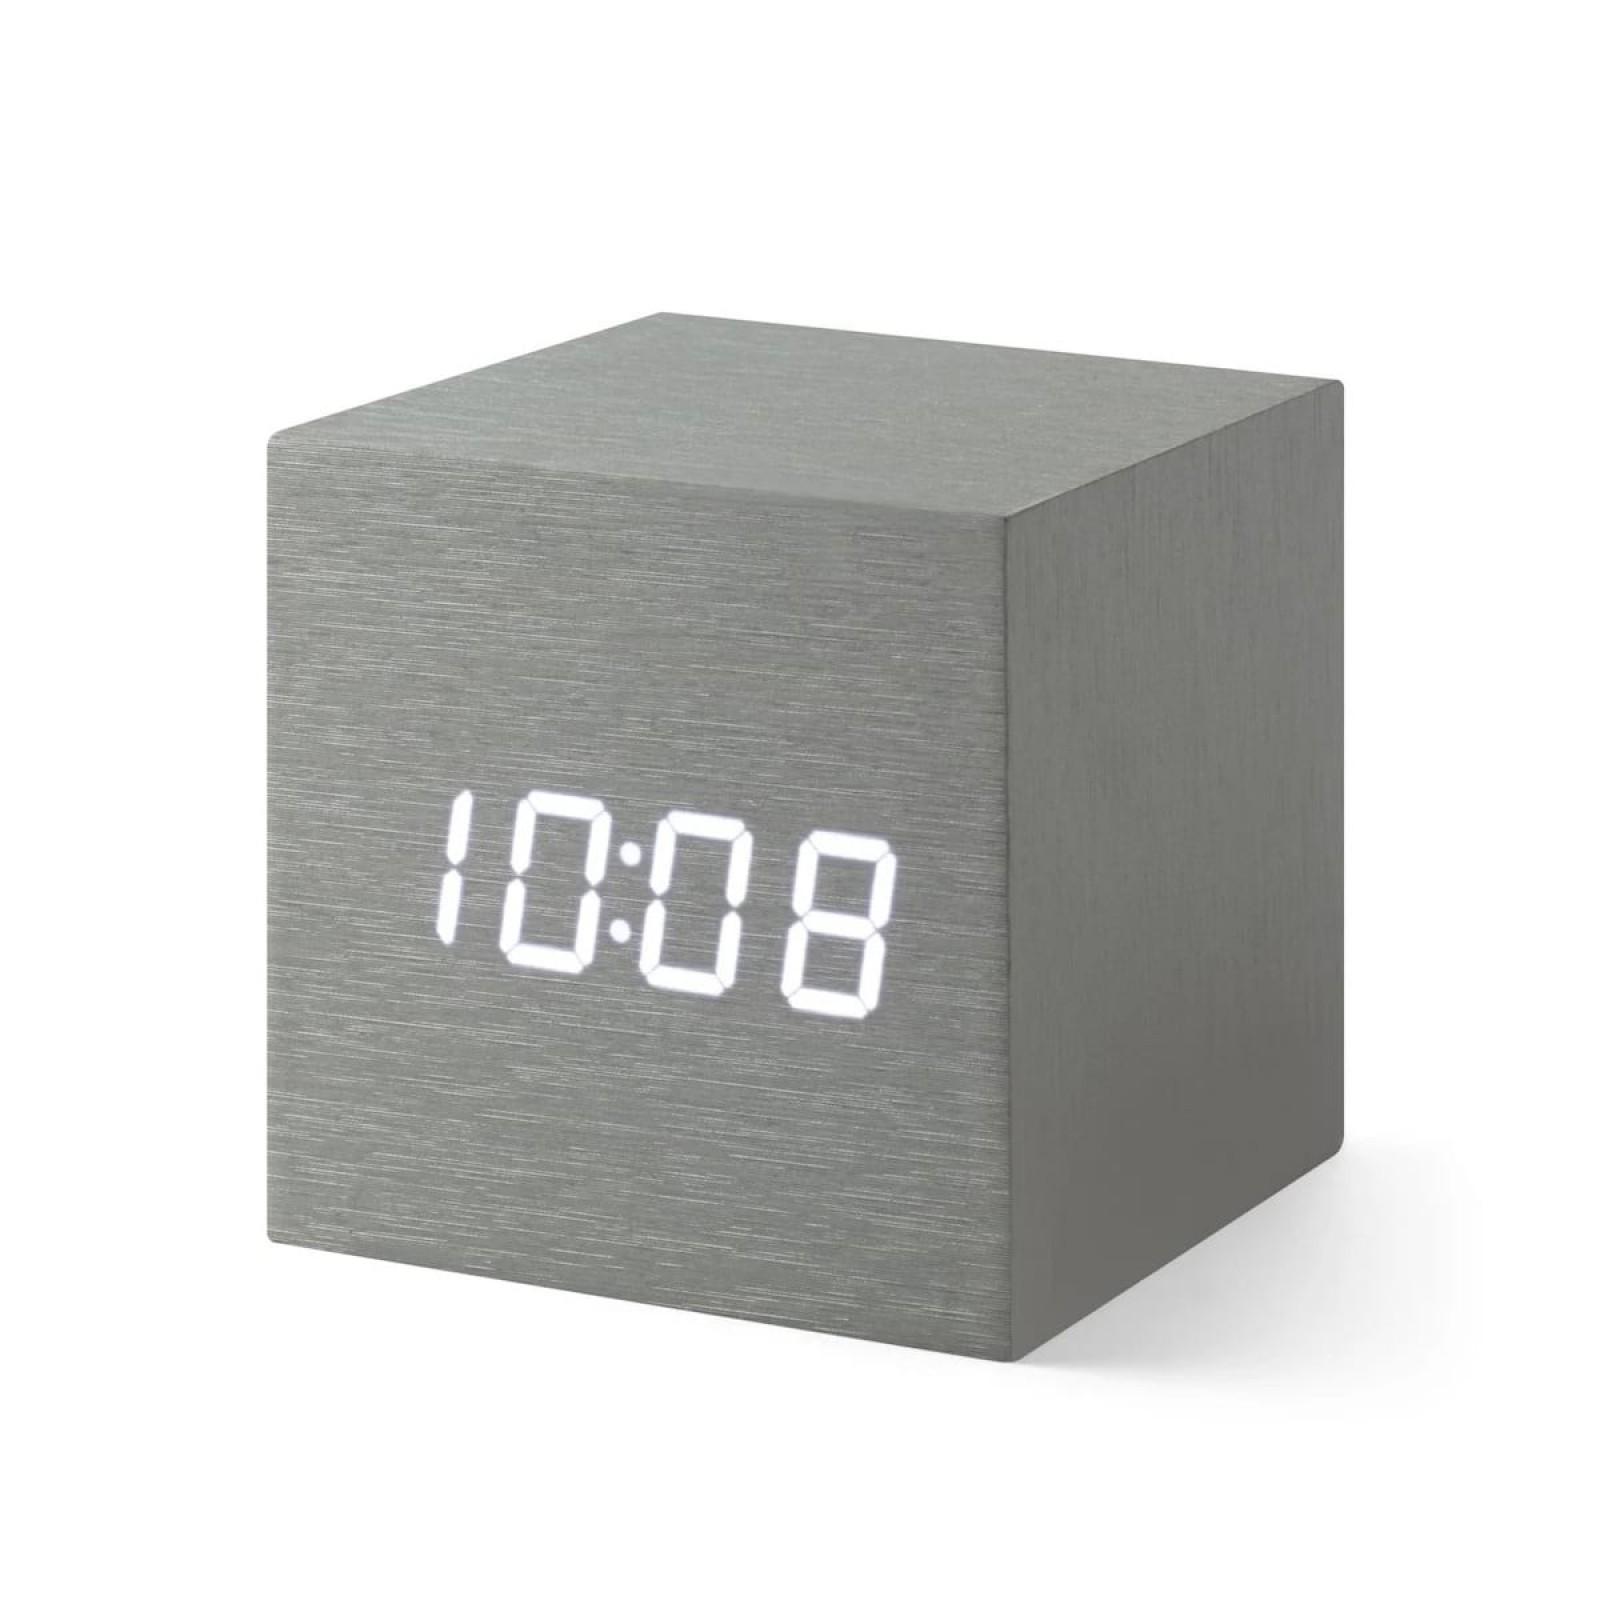 Επιτραπέζιο Ρολόι / Ξυπνητήρι Alume Cube (Αλουμίνιο) - MoMa